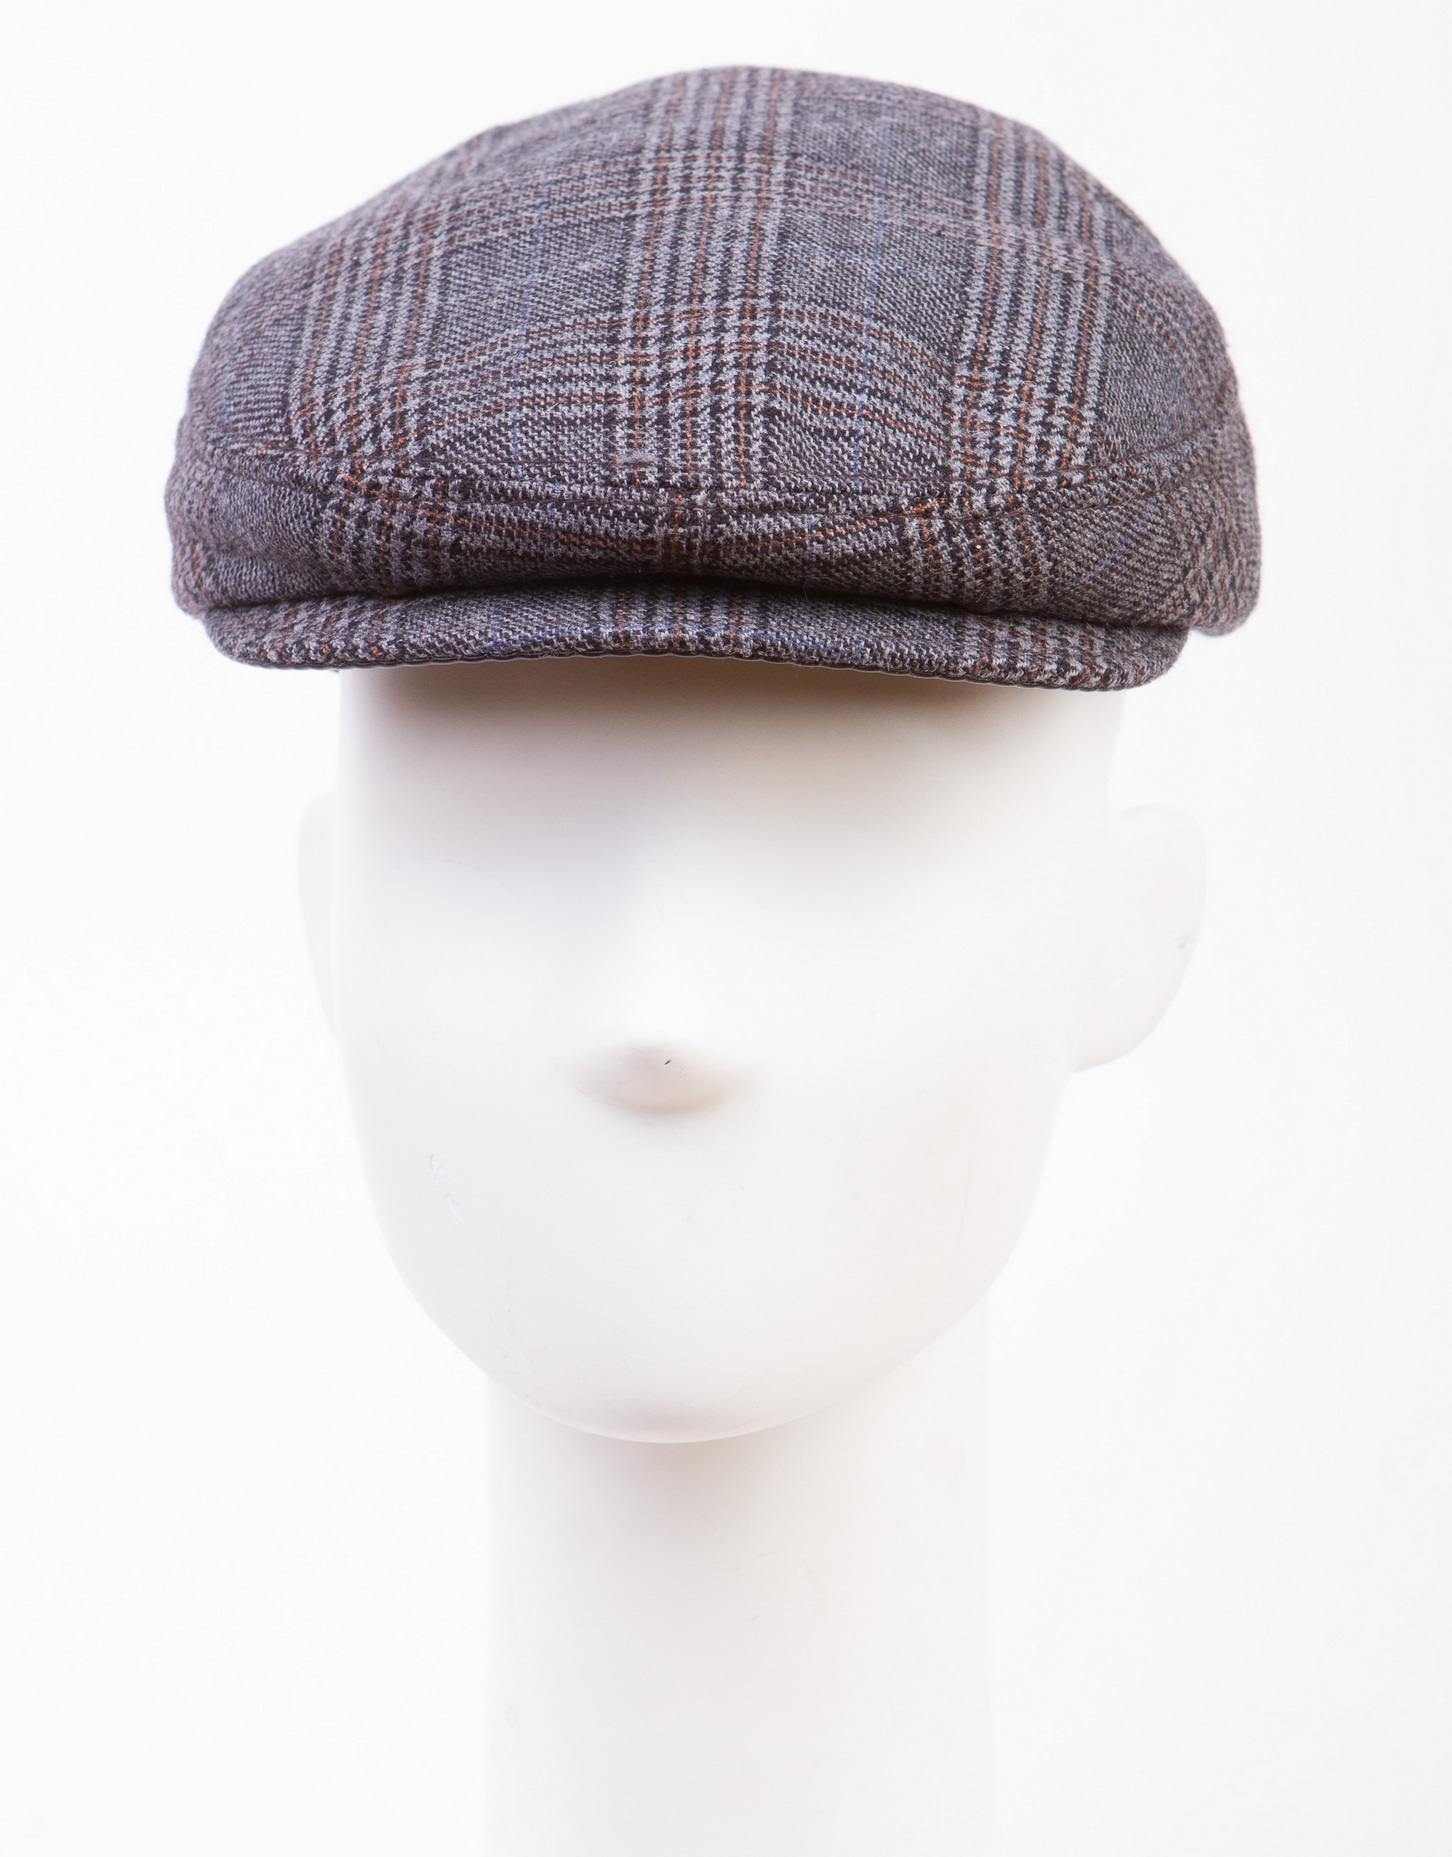 Купить со скидкой Кепка мужская из текстиля, без отделки